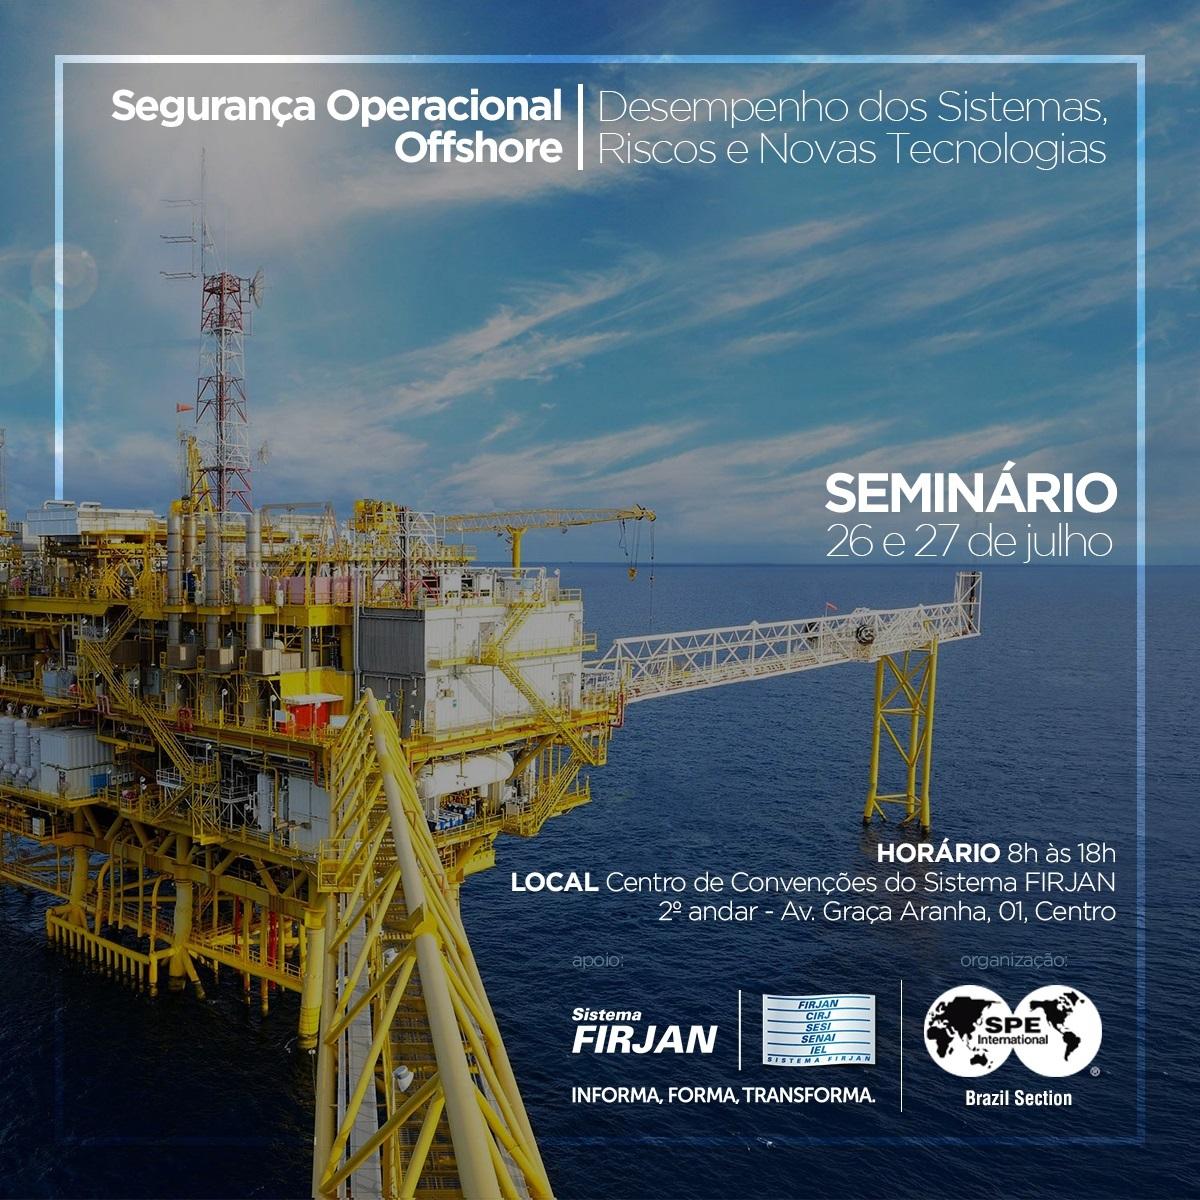 Seminário Segurança Operacional Offshore: Desempenho dos Sistemas, Riscos e Novas Tecnologias.